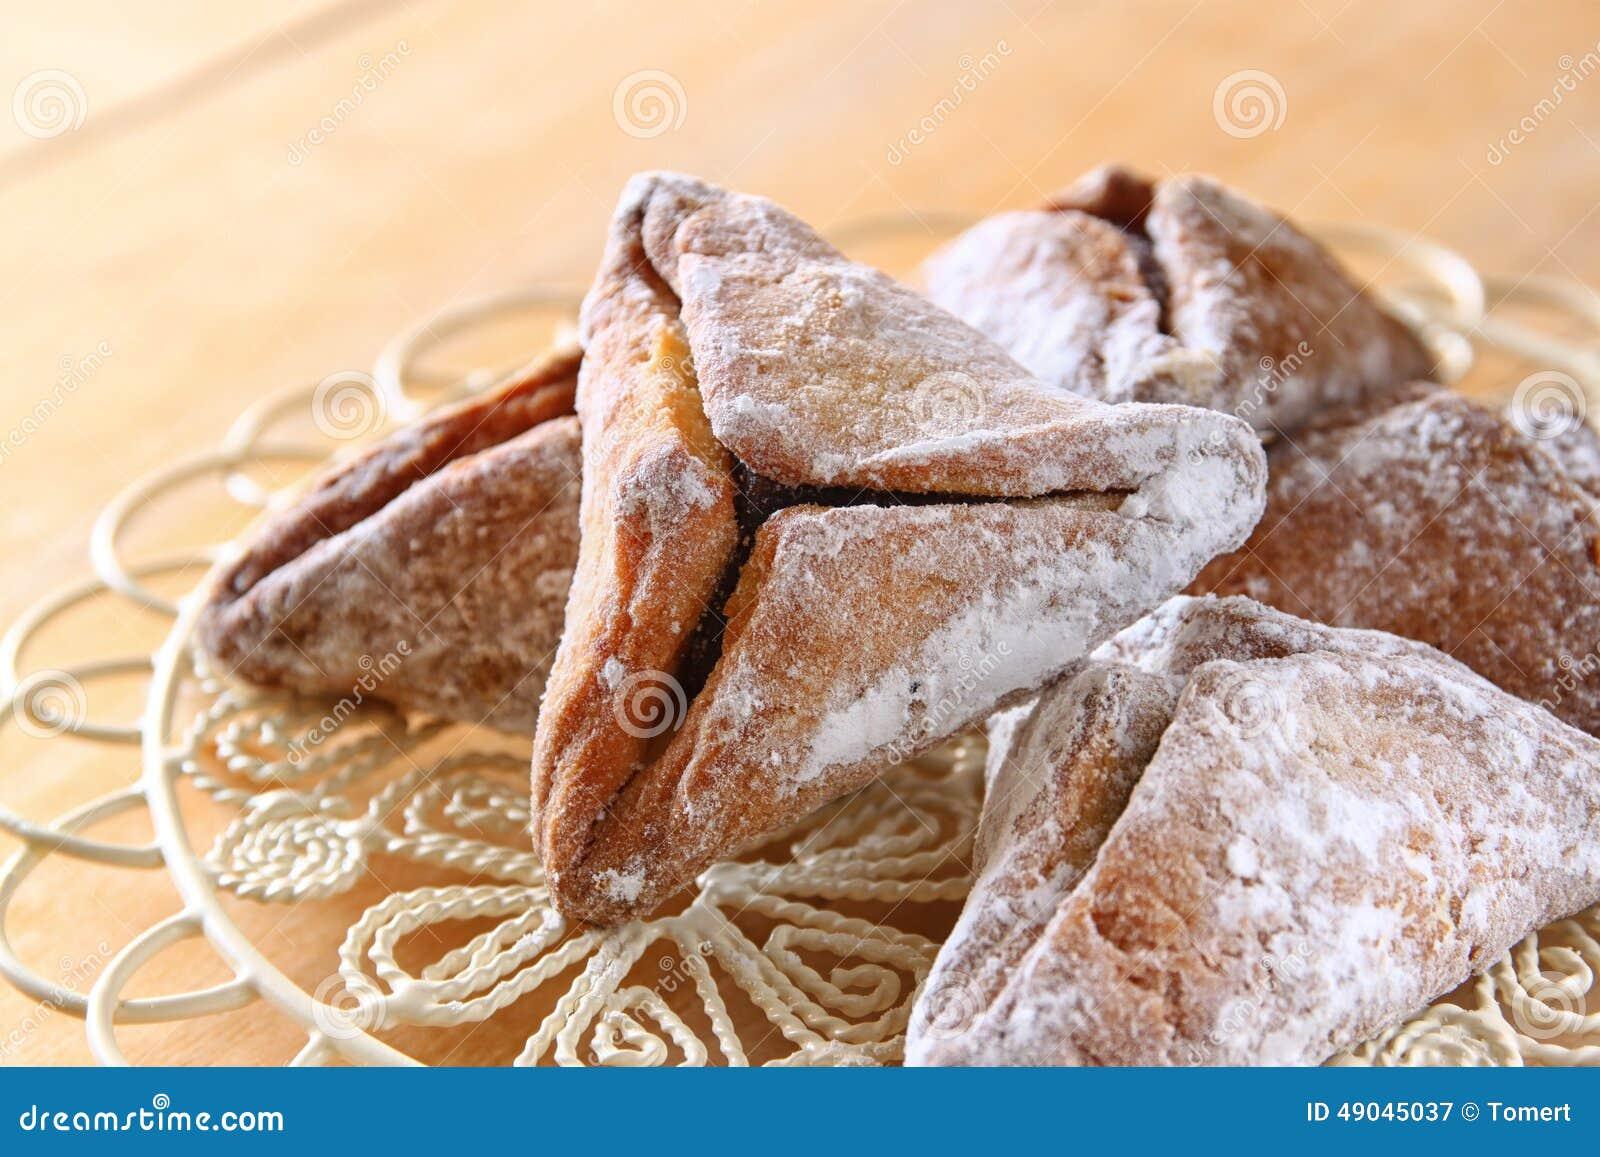 Hamantaschen kakor eller hamans gå i ax Purim beröm (judisk ferie) Filtrerad bild